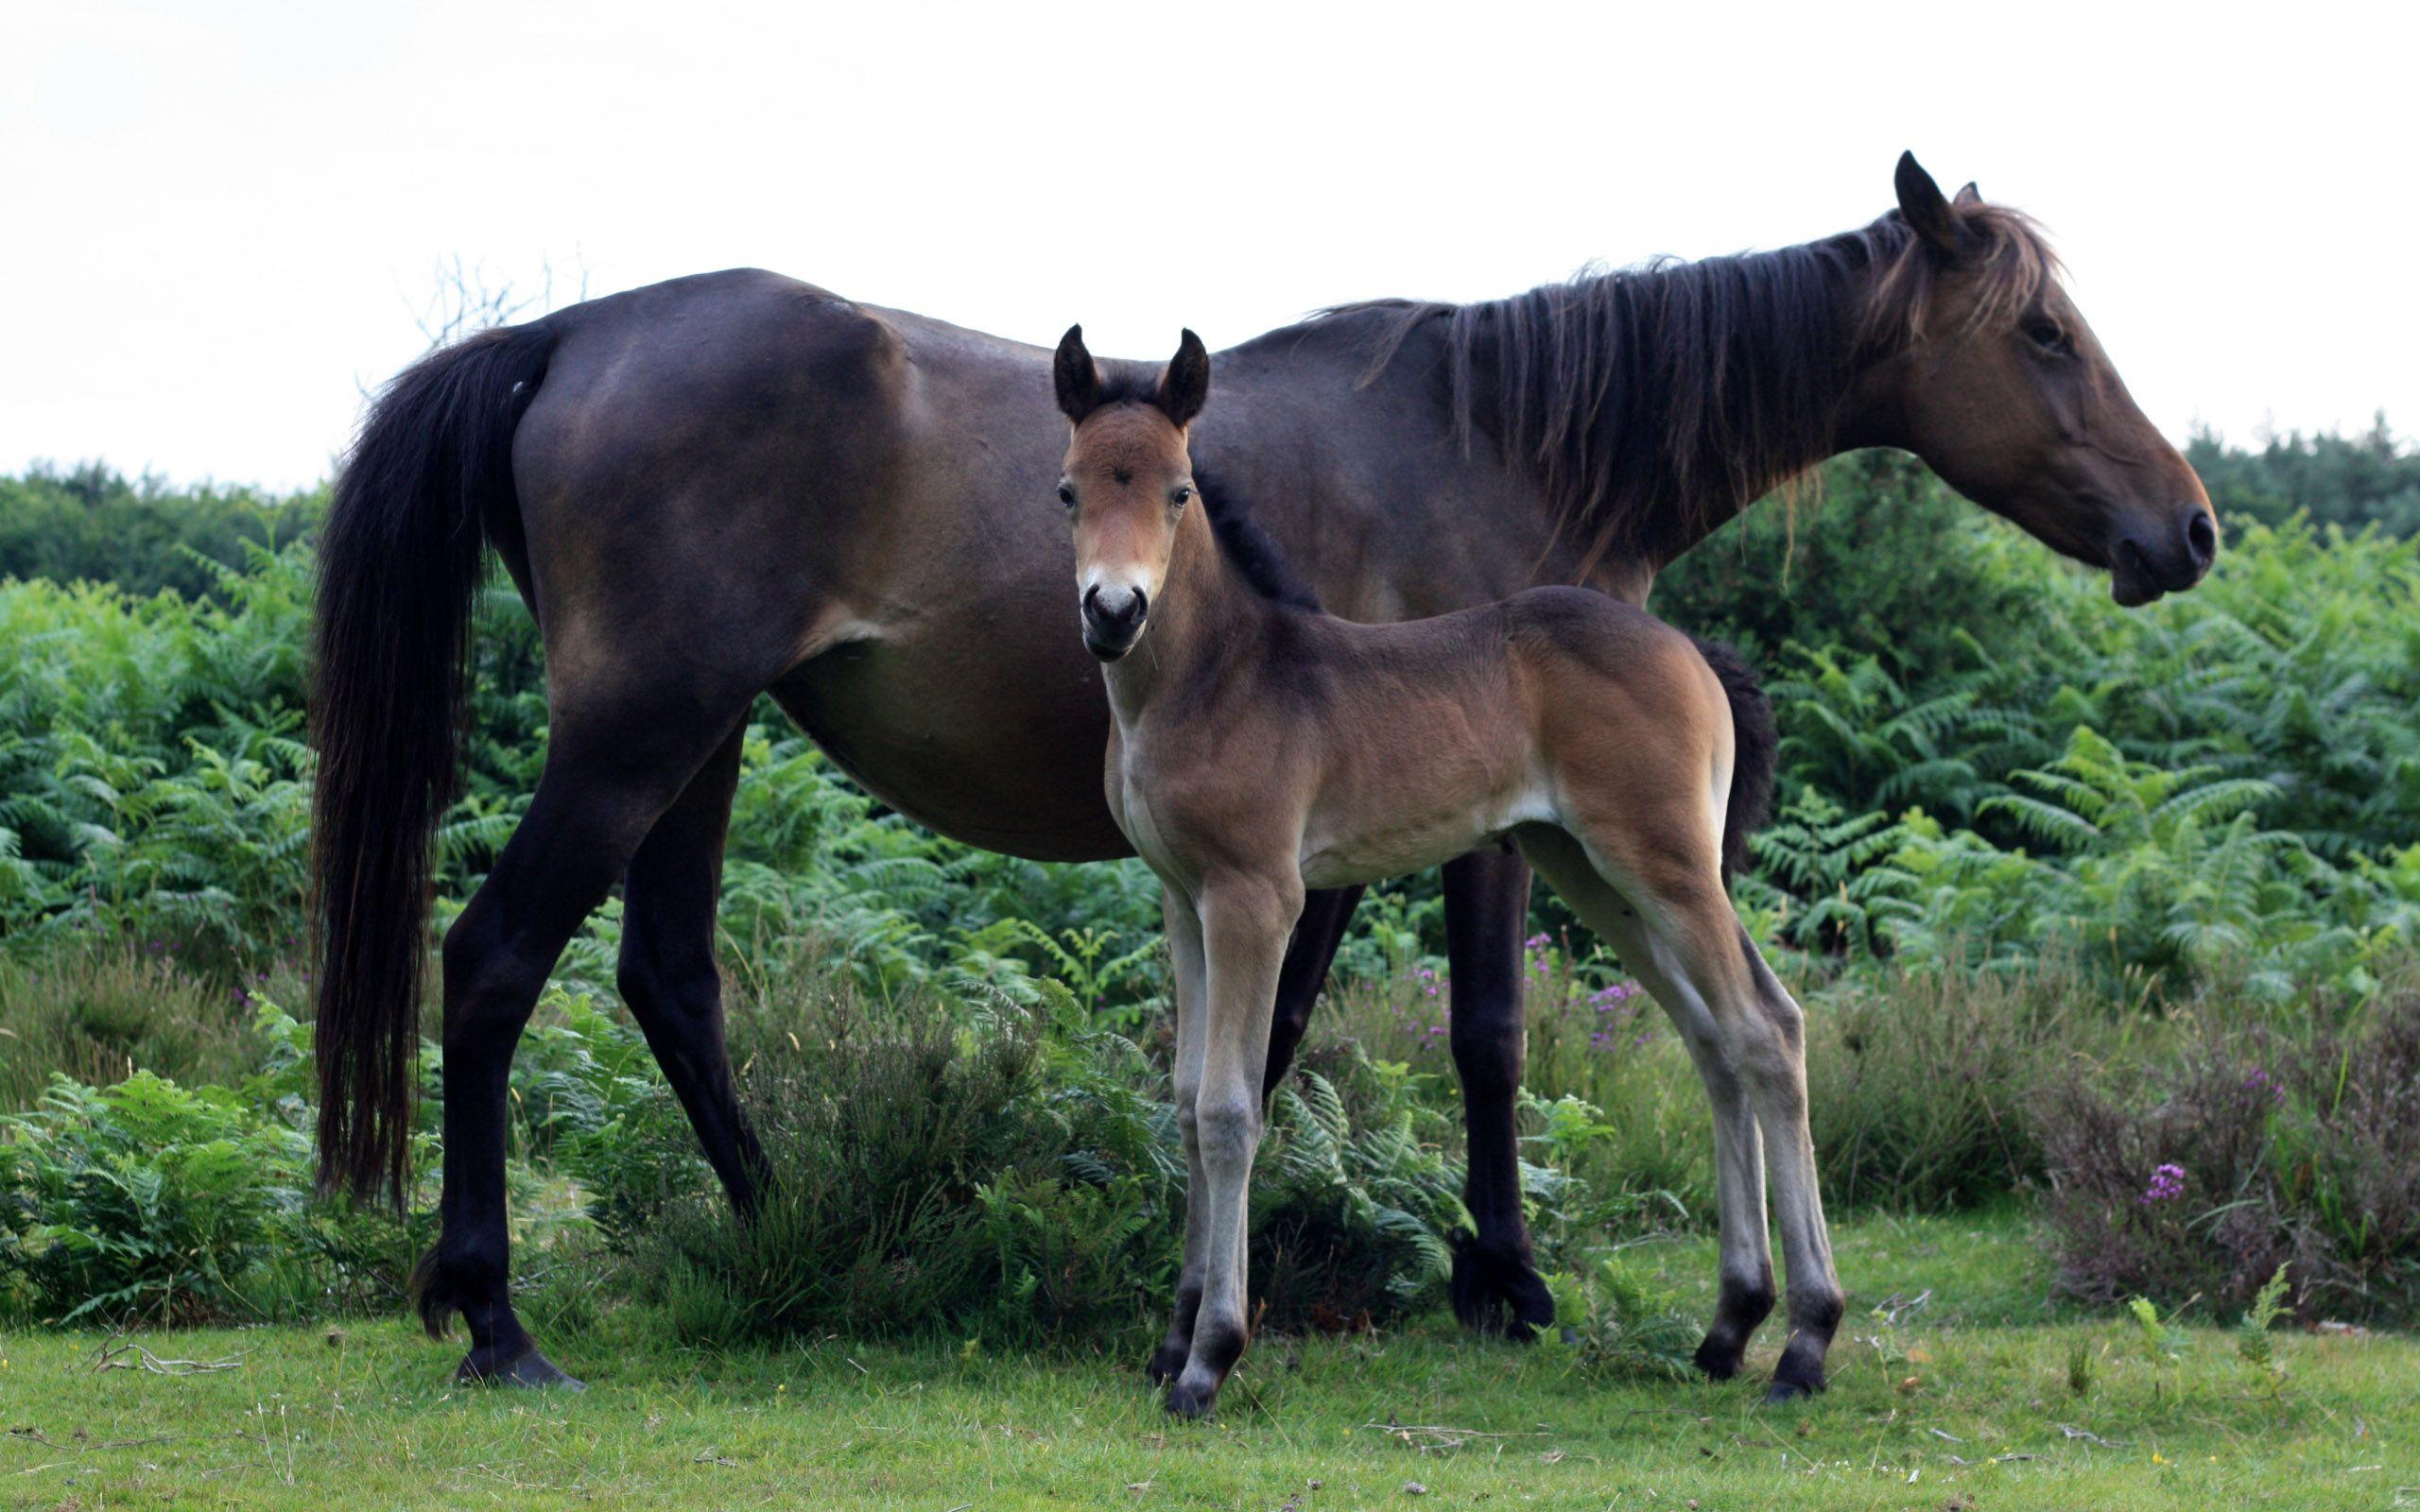 Top Wallpaper Horse Green - f3d7d0ed8133b87ce1aef156900bc4a1  HD_904310.jpg